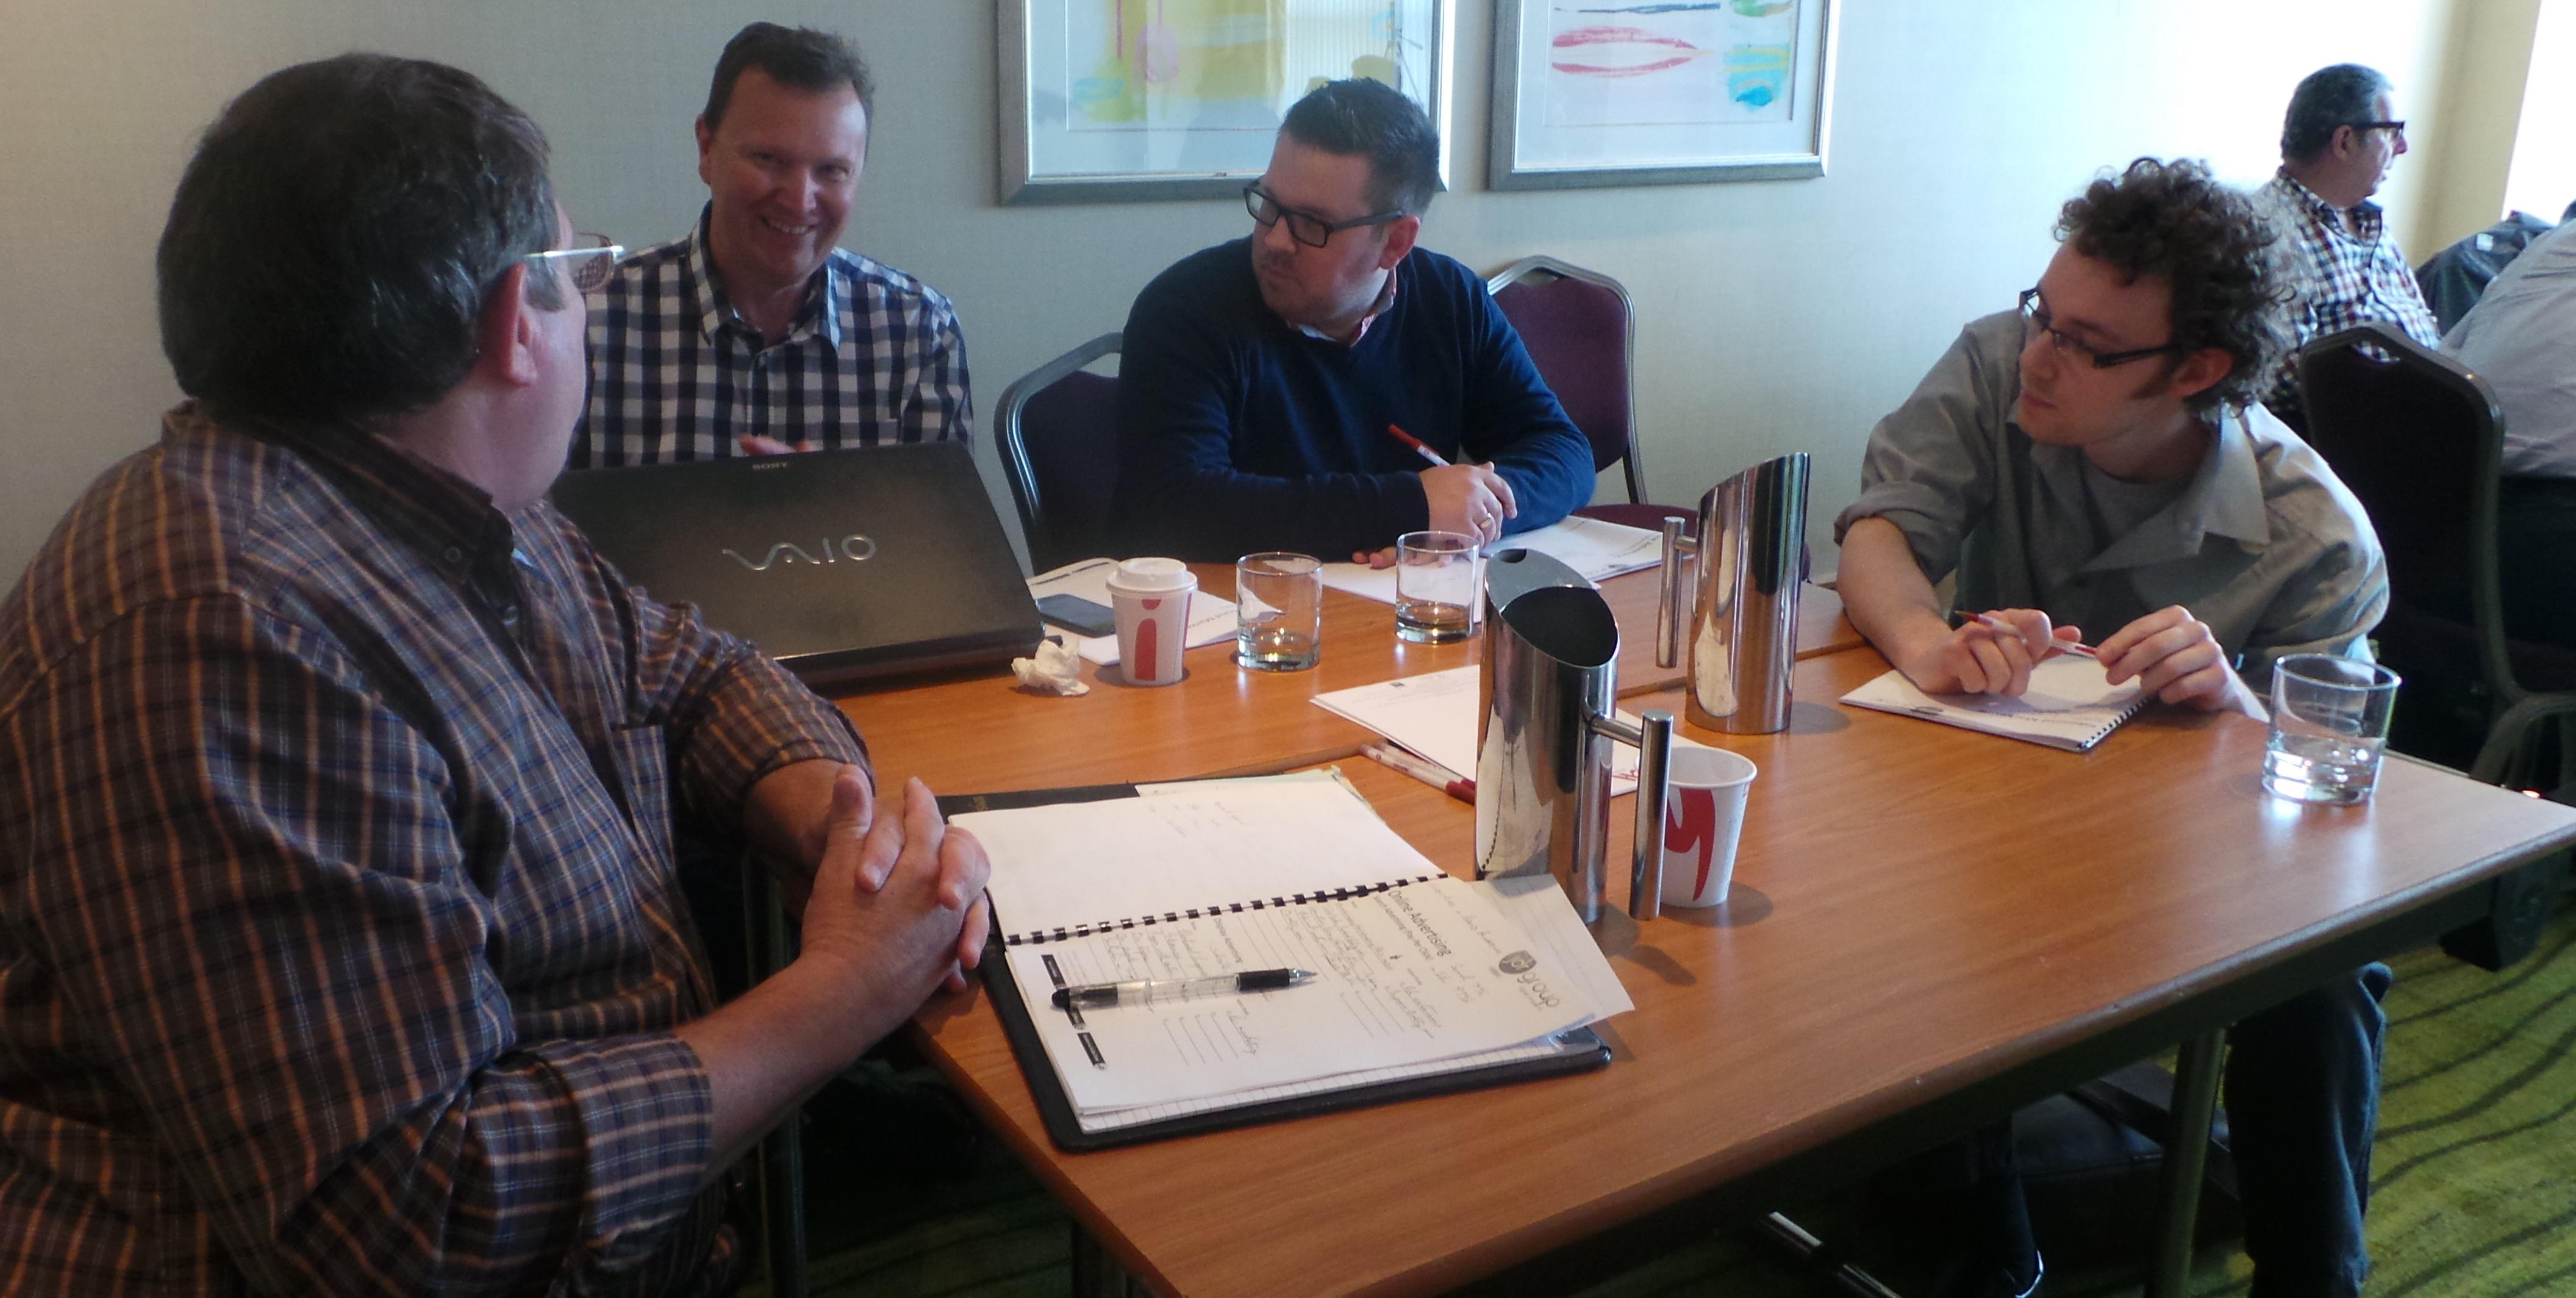 jdr_clients_at_marketing_workshop